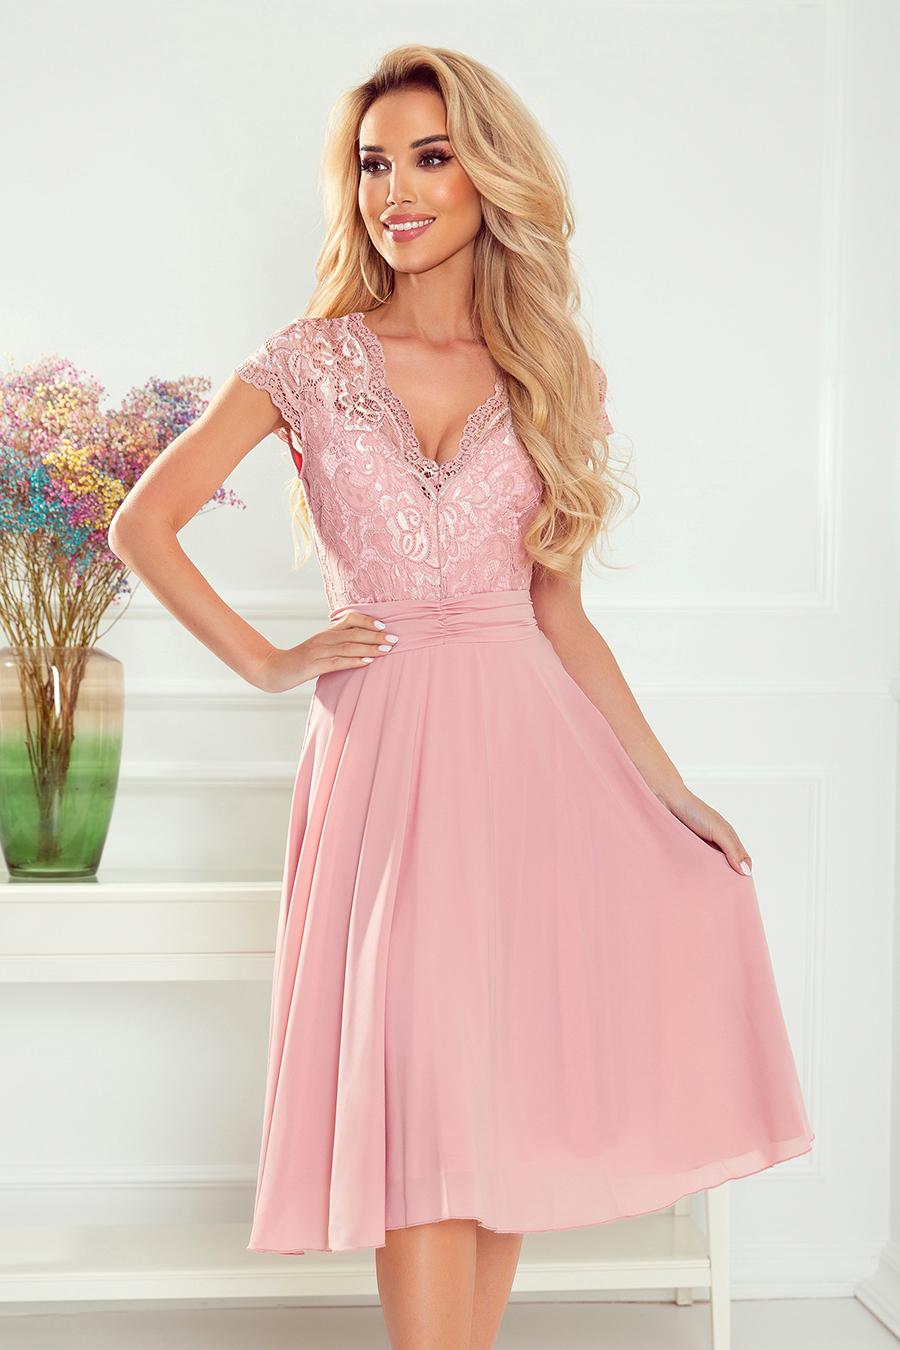 veľkoobchod dámske módne oblečenie veľkoobchodné šaty spodničiek Poľsko a05b6153f85